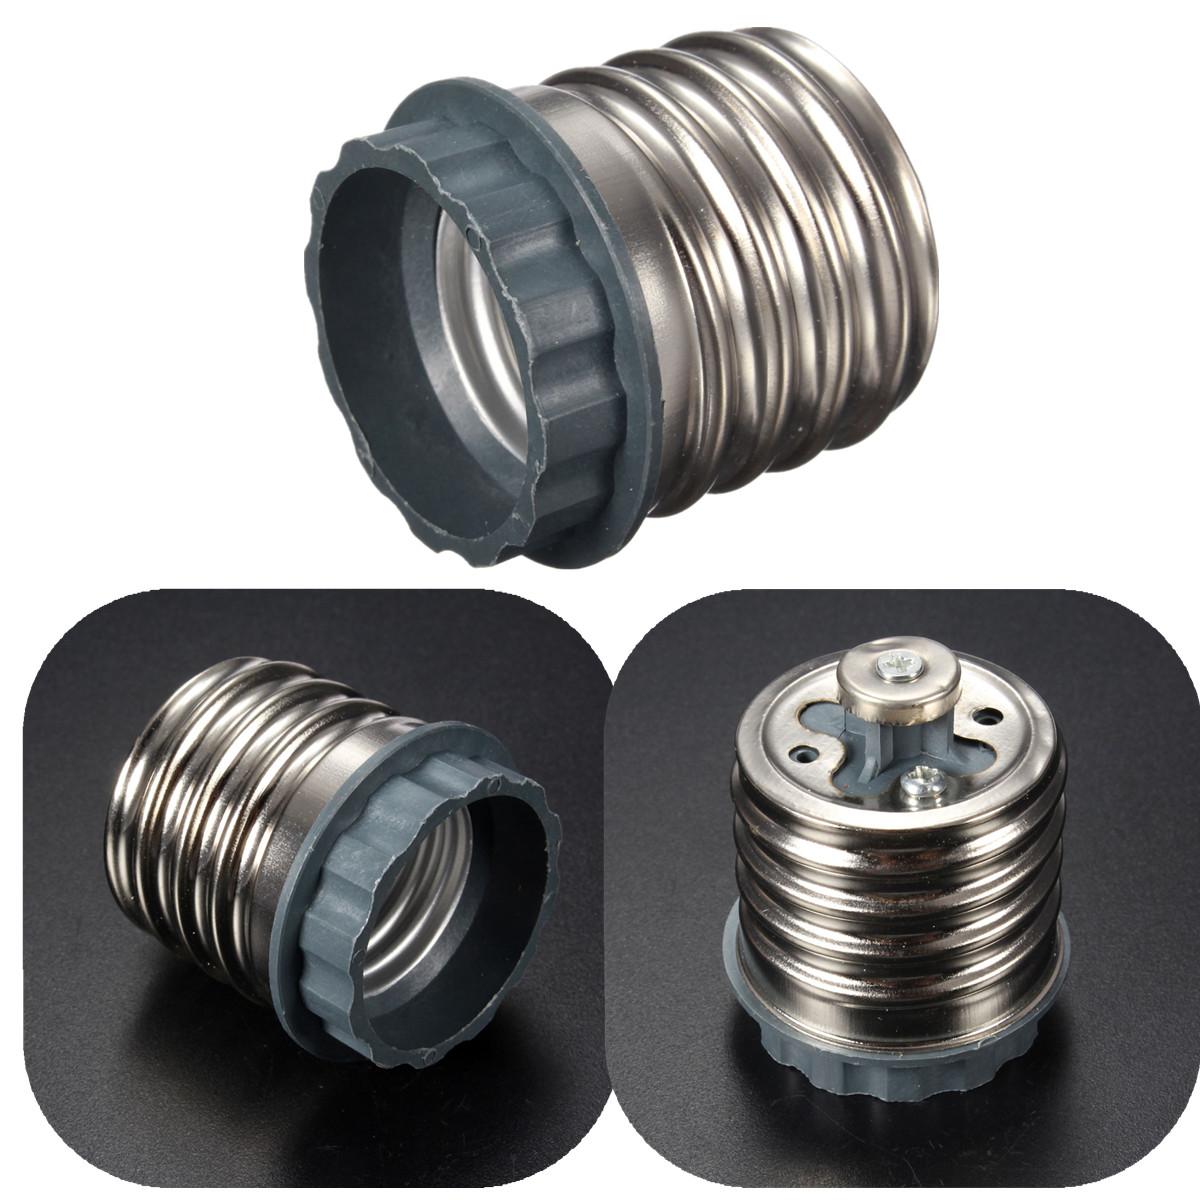 e27 b22 g10 e14 base screw led light lamp bulb holder adapter socket converter ebay. Black Bedroom Furniture Sets. Home Design Ideas